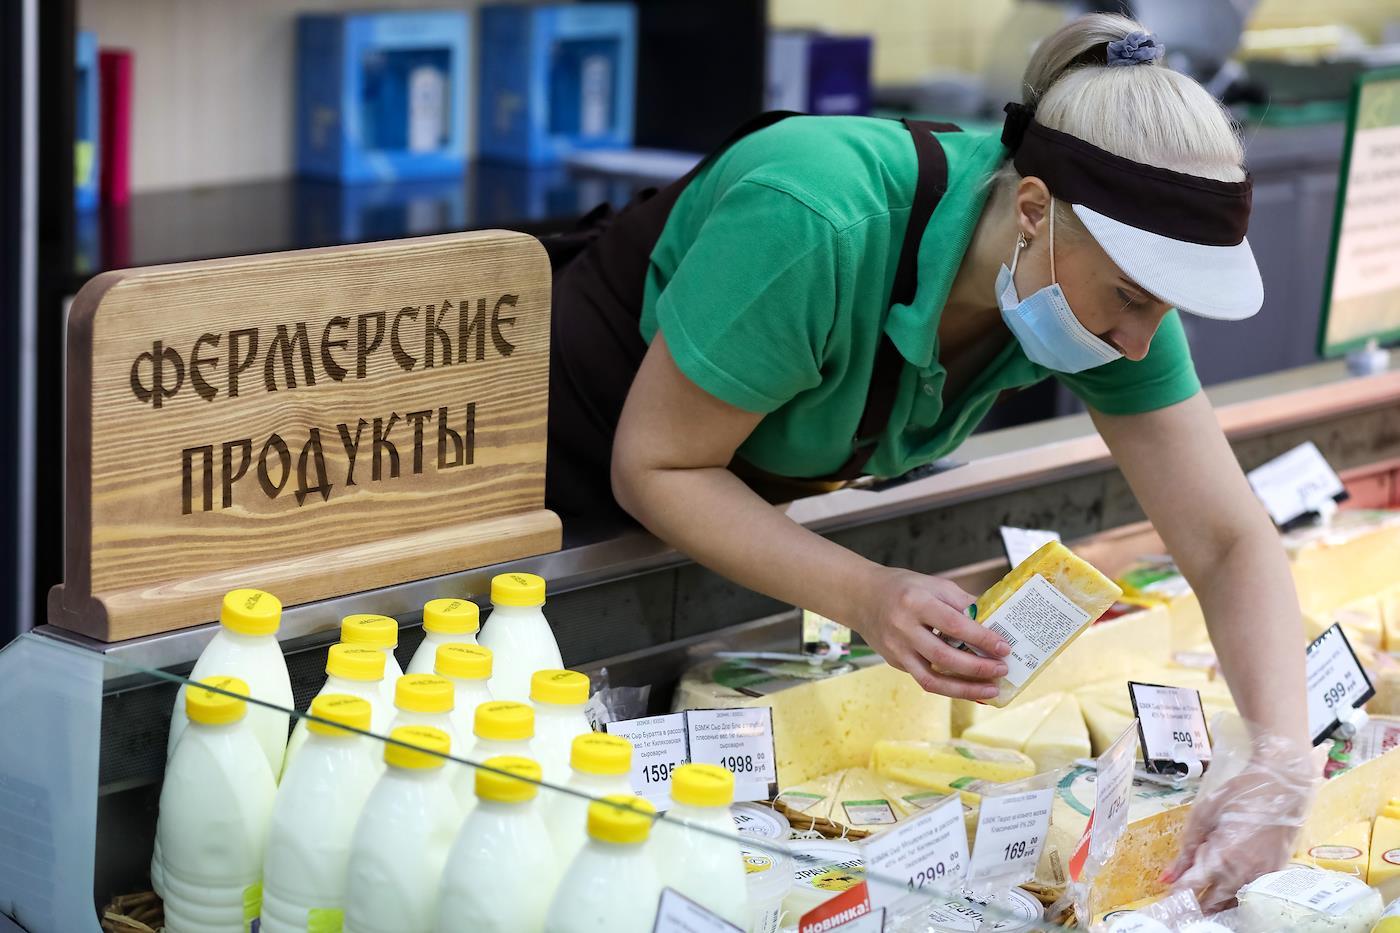 Tinder для топинамбура. Петербургские рестораторы и фермеры создают площадки, чтобы найти друг друга